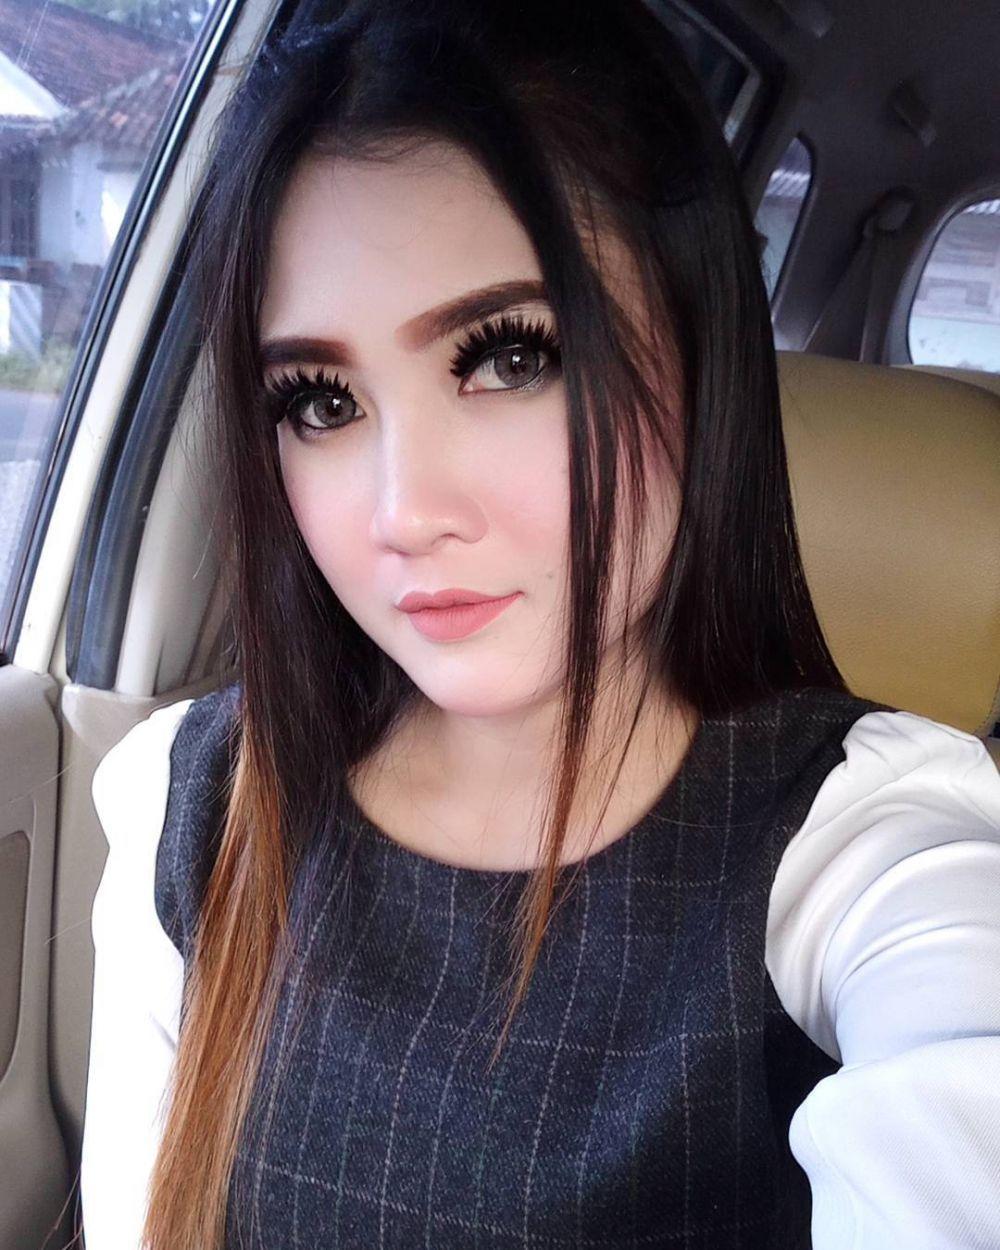 Download Dj Akimilaku 2018 Terbaru: Download Koleksi Terbaru Lagu Nella Kharisma Mp3 2018